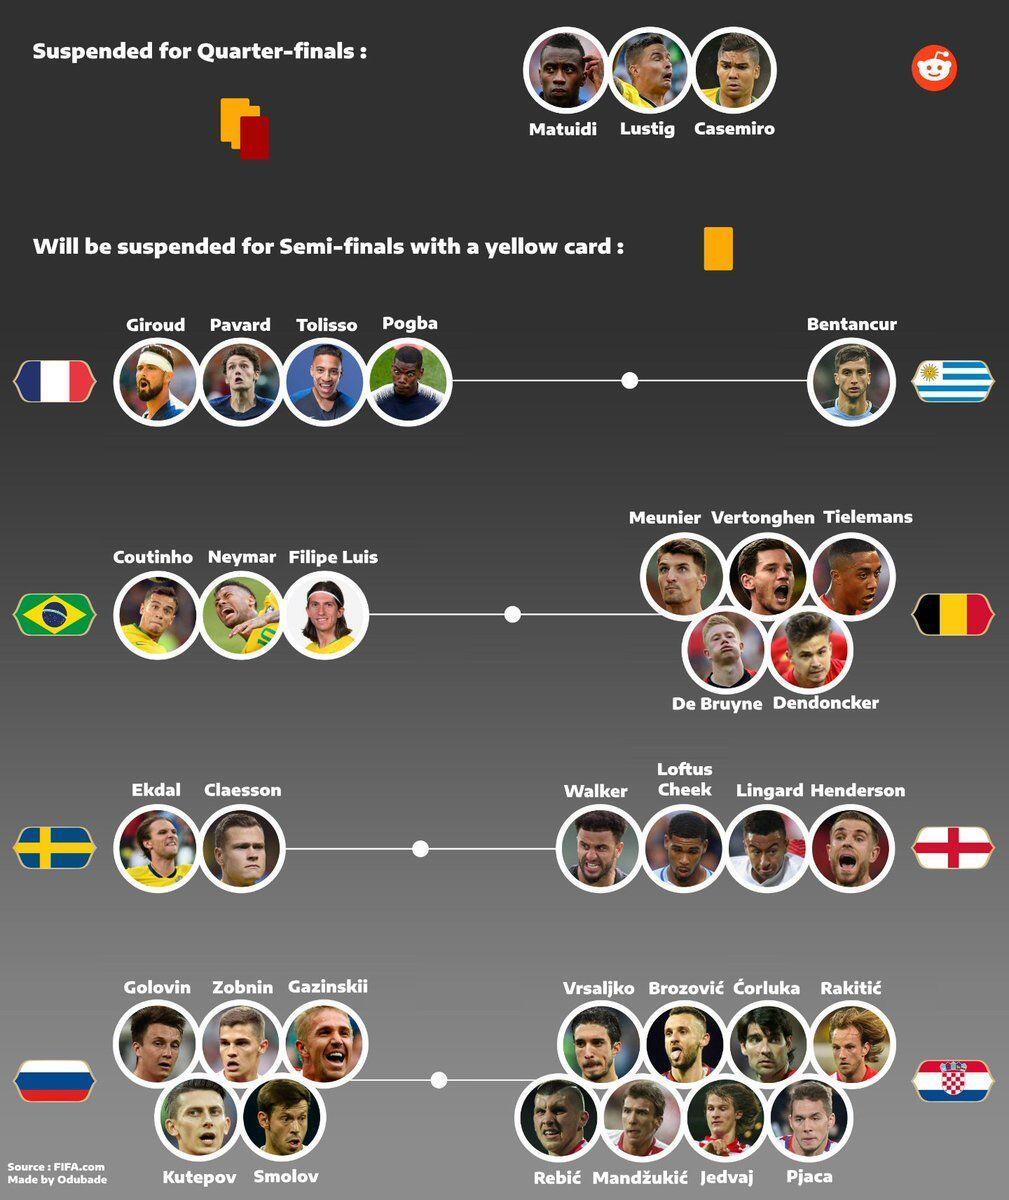 Daftar Pemain yang Harus Hindari Kartu Kuning di Laga Perempat Final